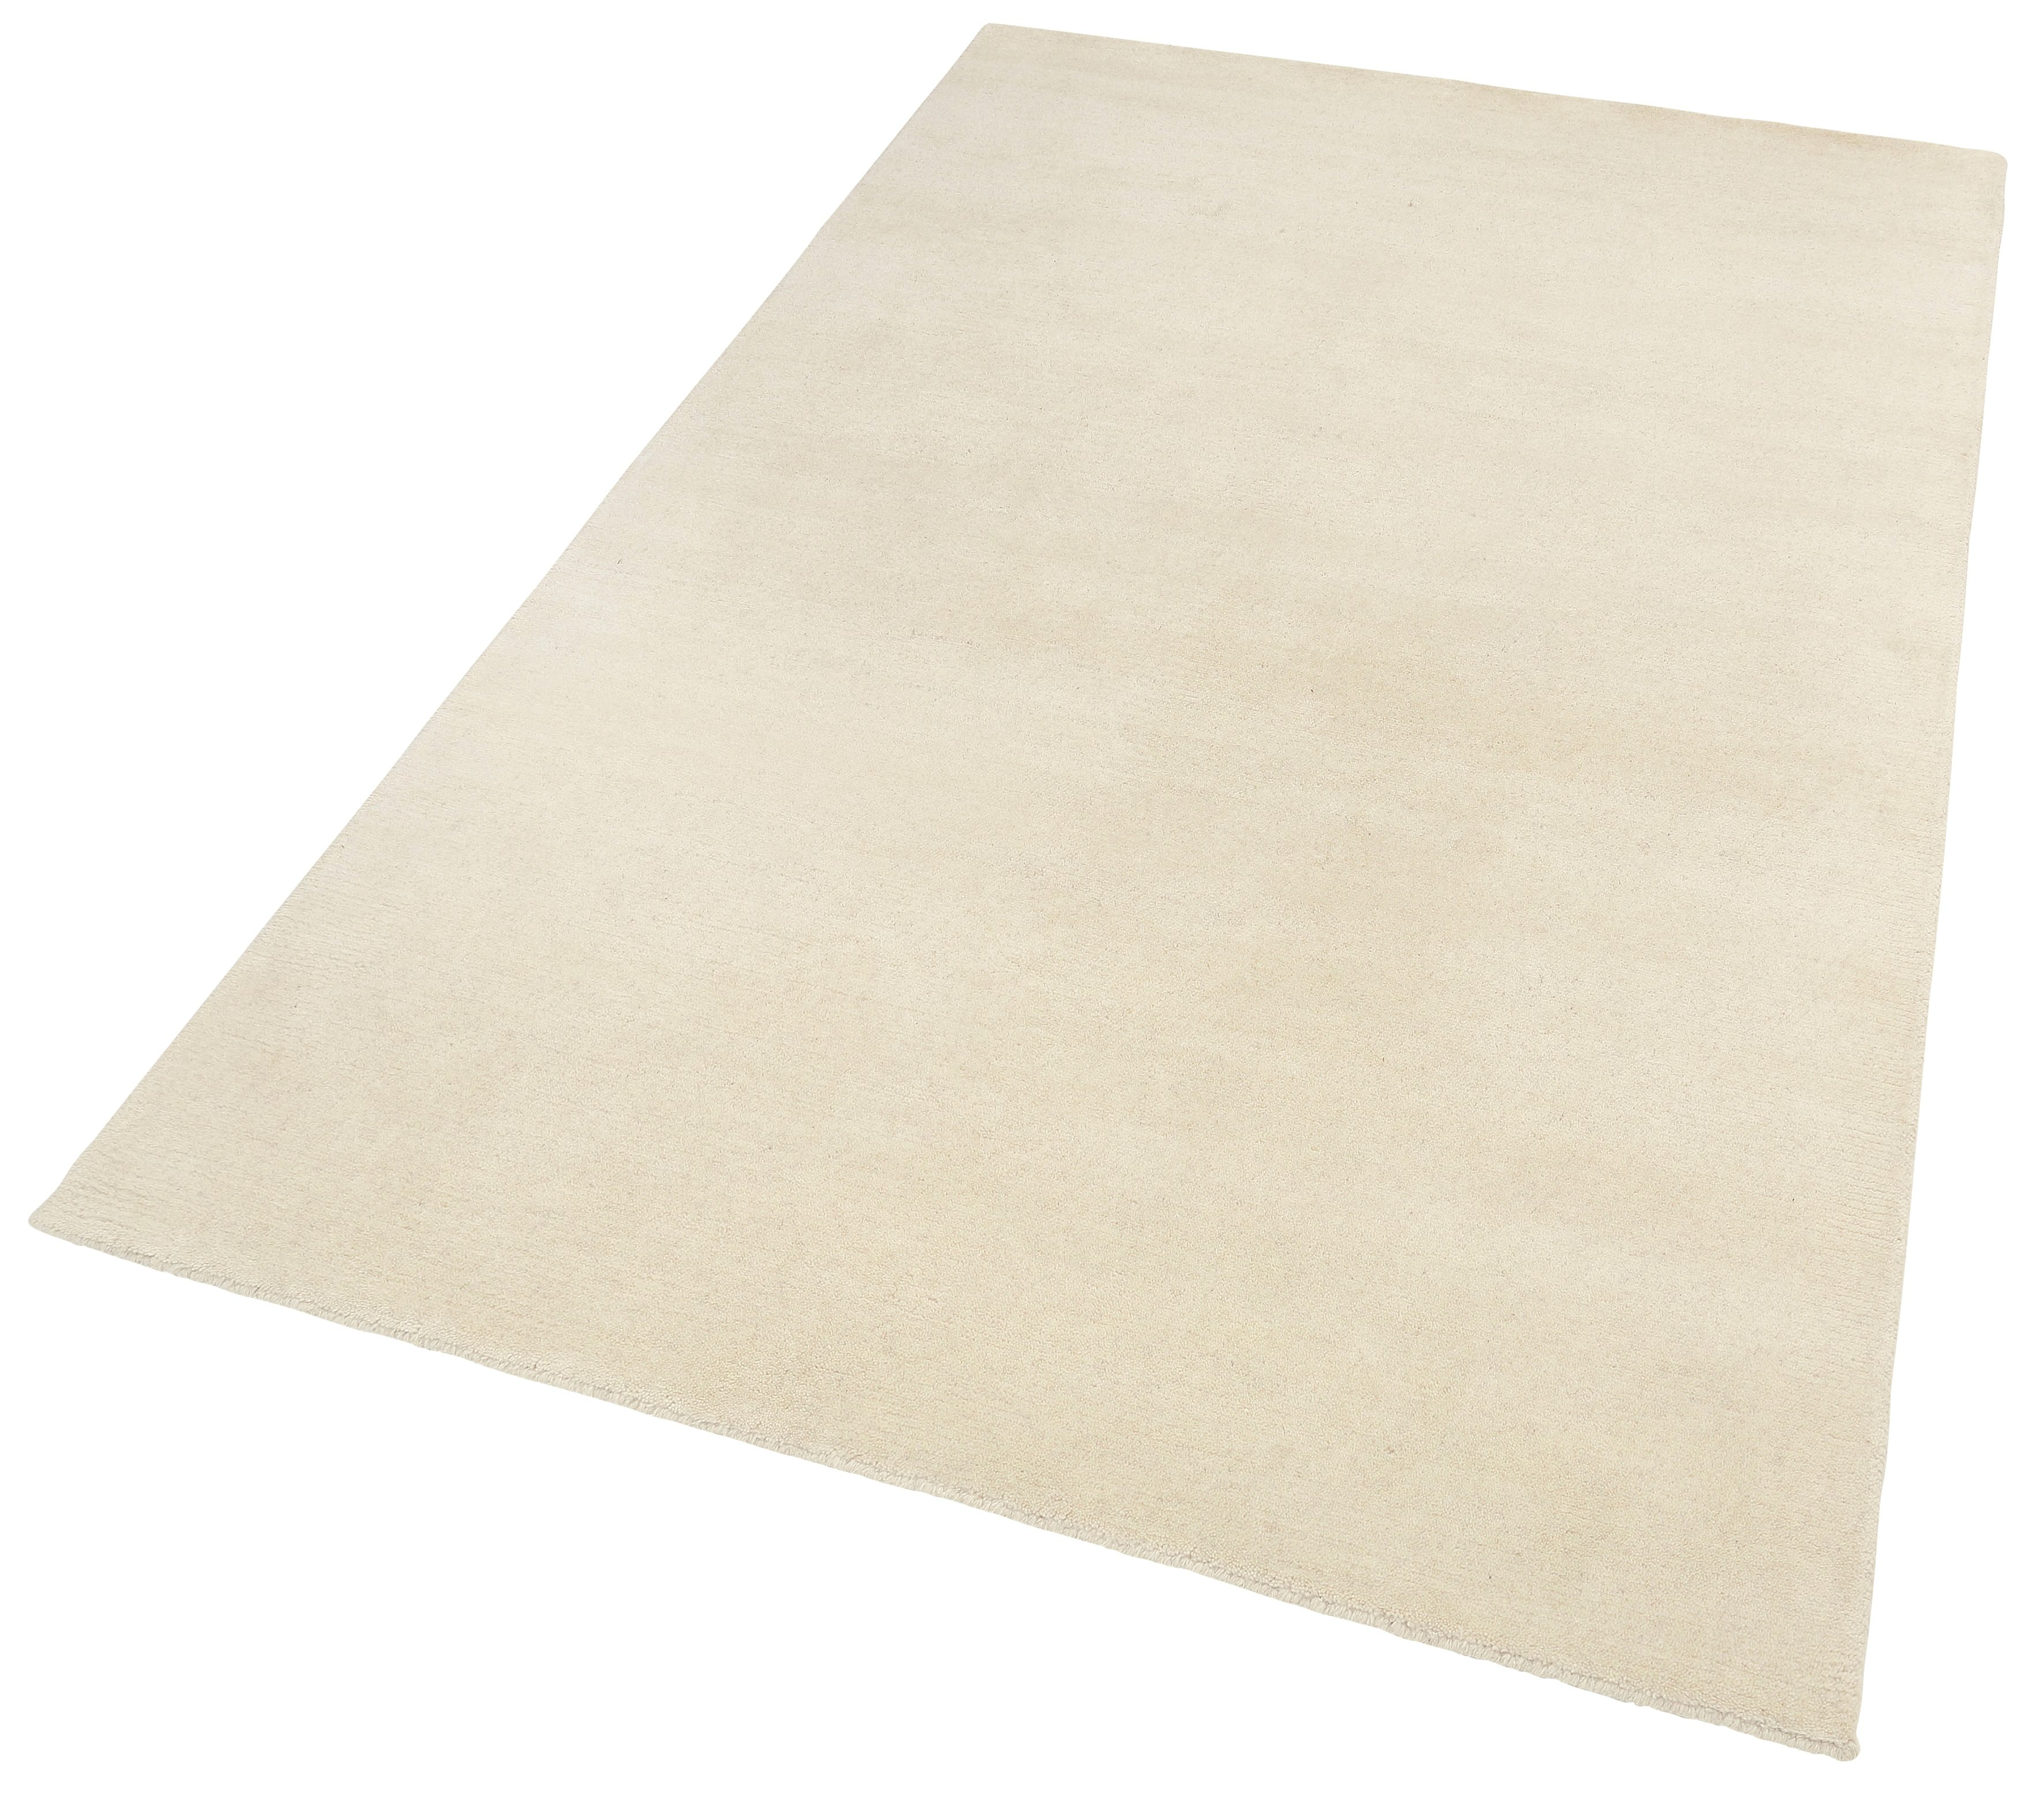 Teppich Nakarta 1 THEKO rechteckig Höhe 16 mm manuell geknüpft